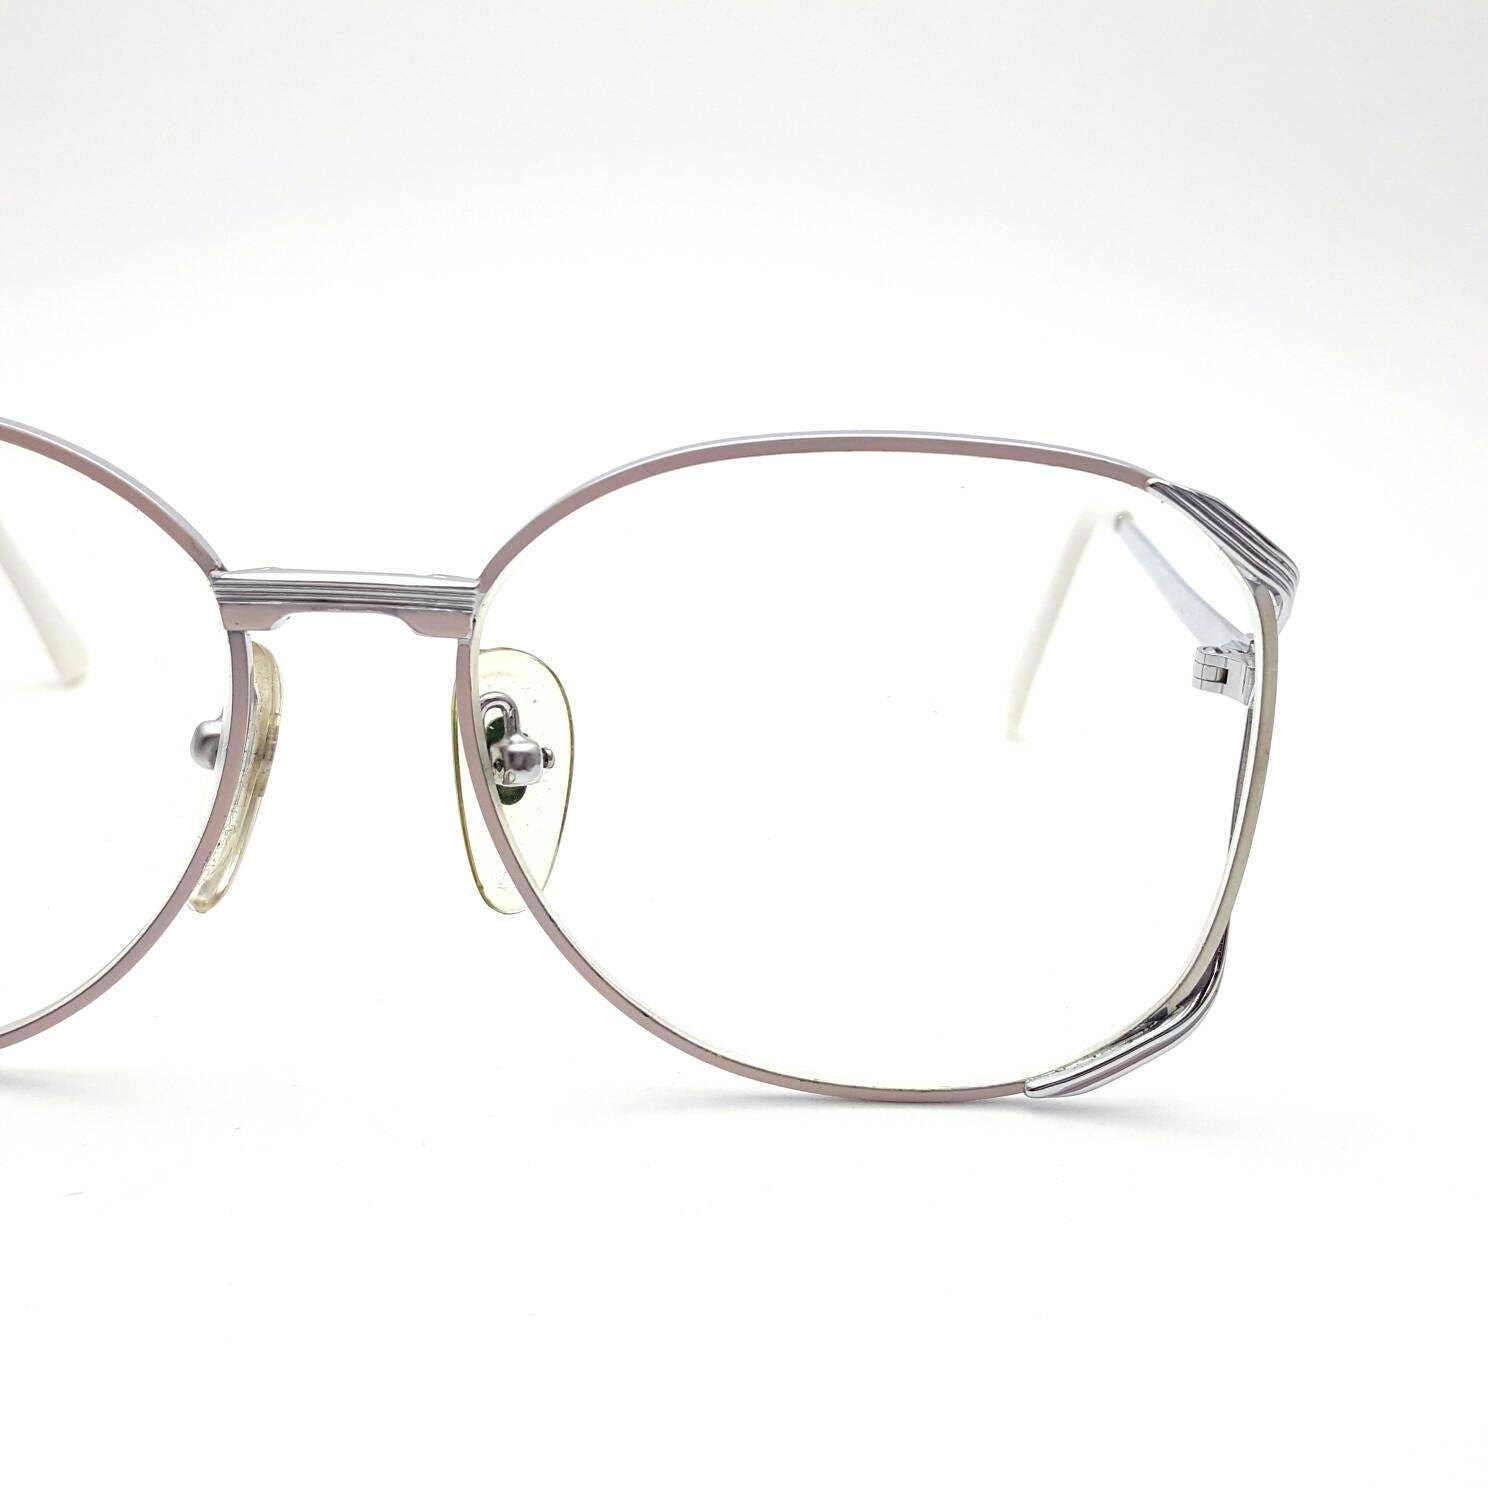 SuperLux Orly Brillen Metall Vintage aus den 80ern Blush rosa